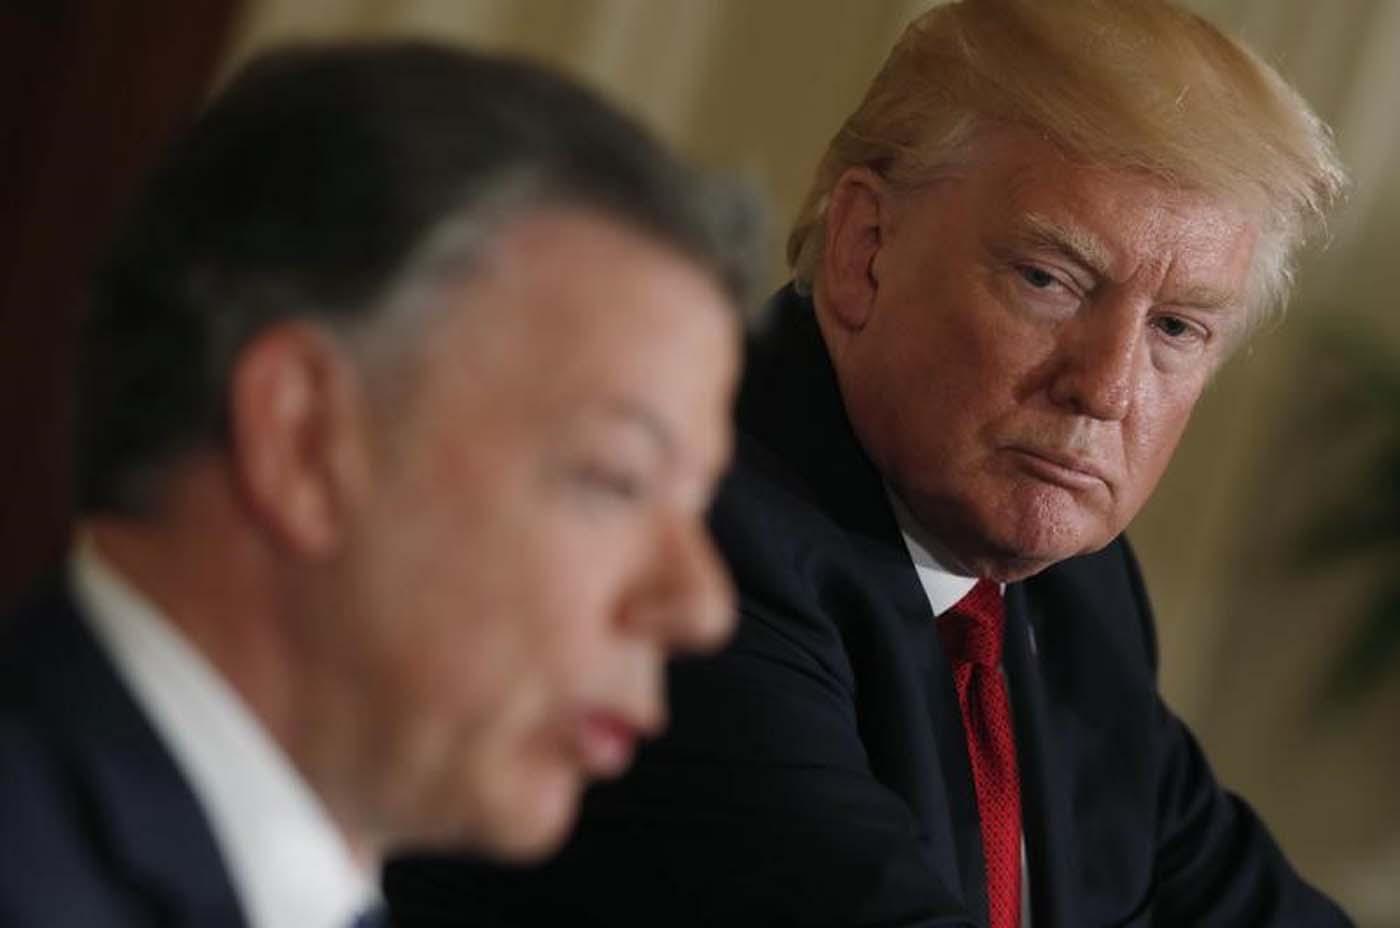 Imagen de archivo. El presidente, Donald Trump, mira al presidente de Colombia, Juan Manuel Santos, durante una conferencia de prensa conjunta en la Casa Blanca en Washington, Estados Unidos, el 18 de mayo de 2017. REUTERS/Yuri Gripas